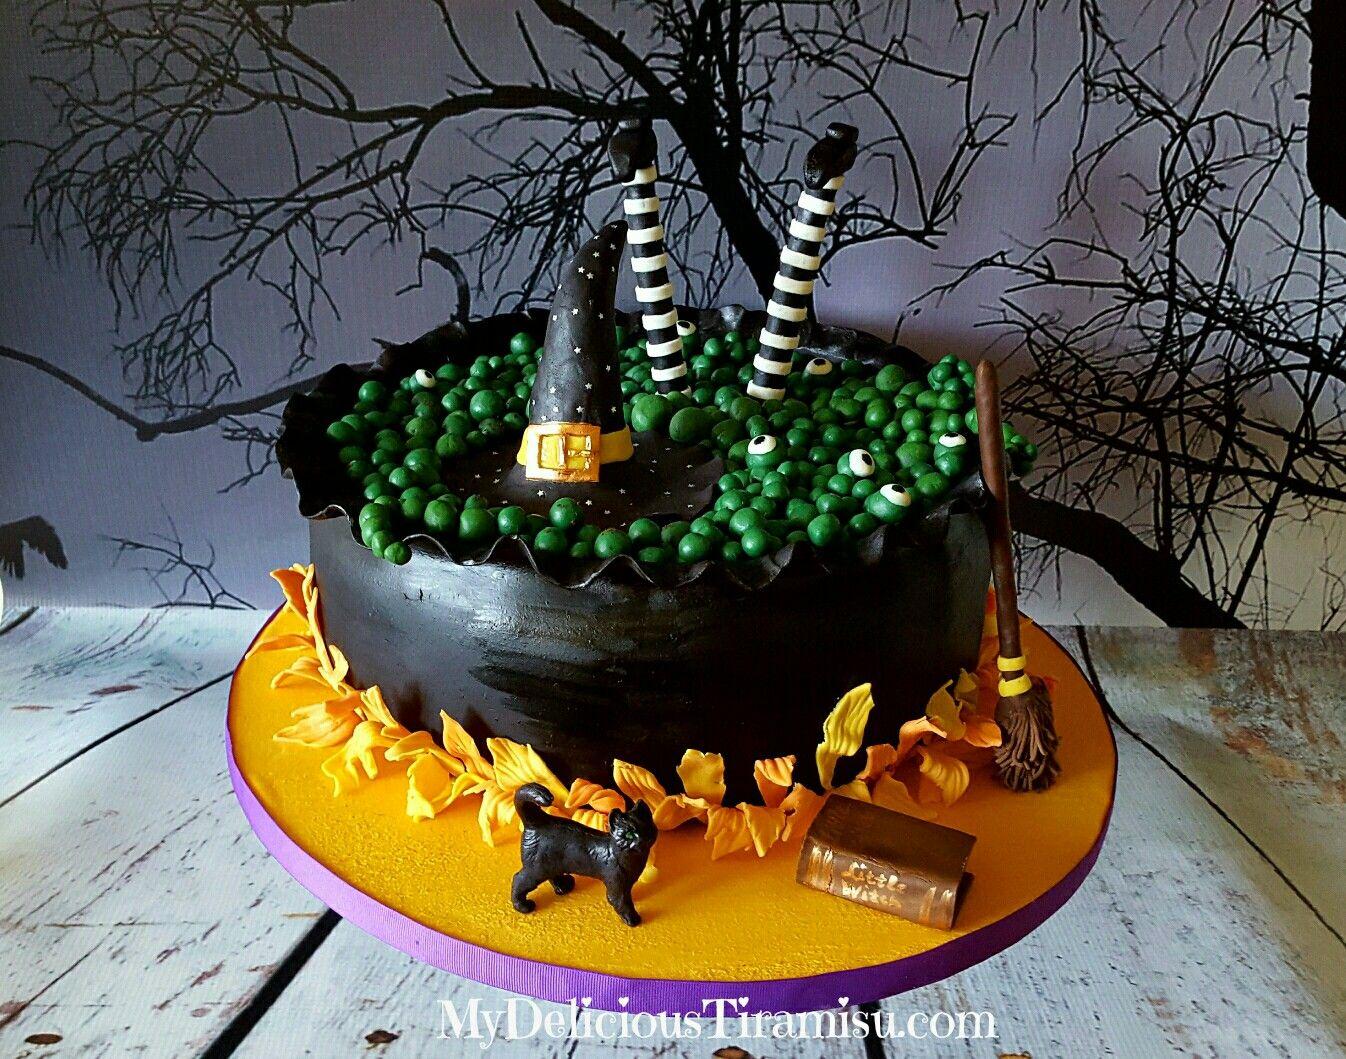 Classic Tiramisu Cake with chocolate Halloween witch Tiramisu